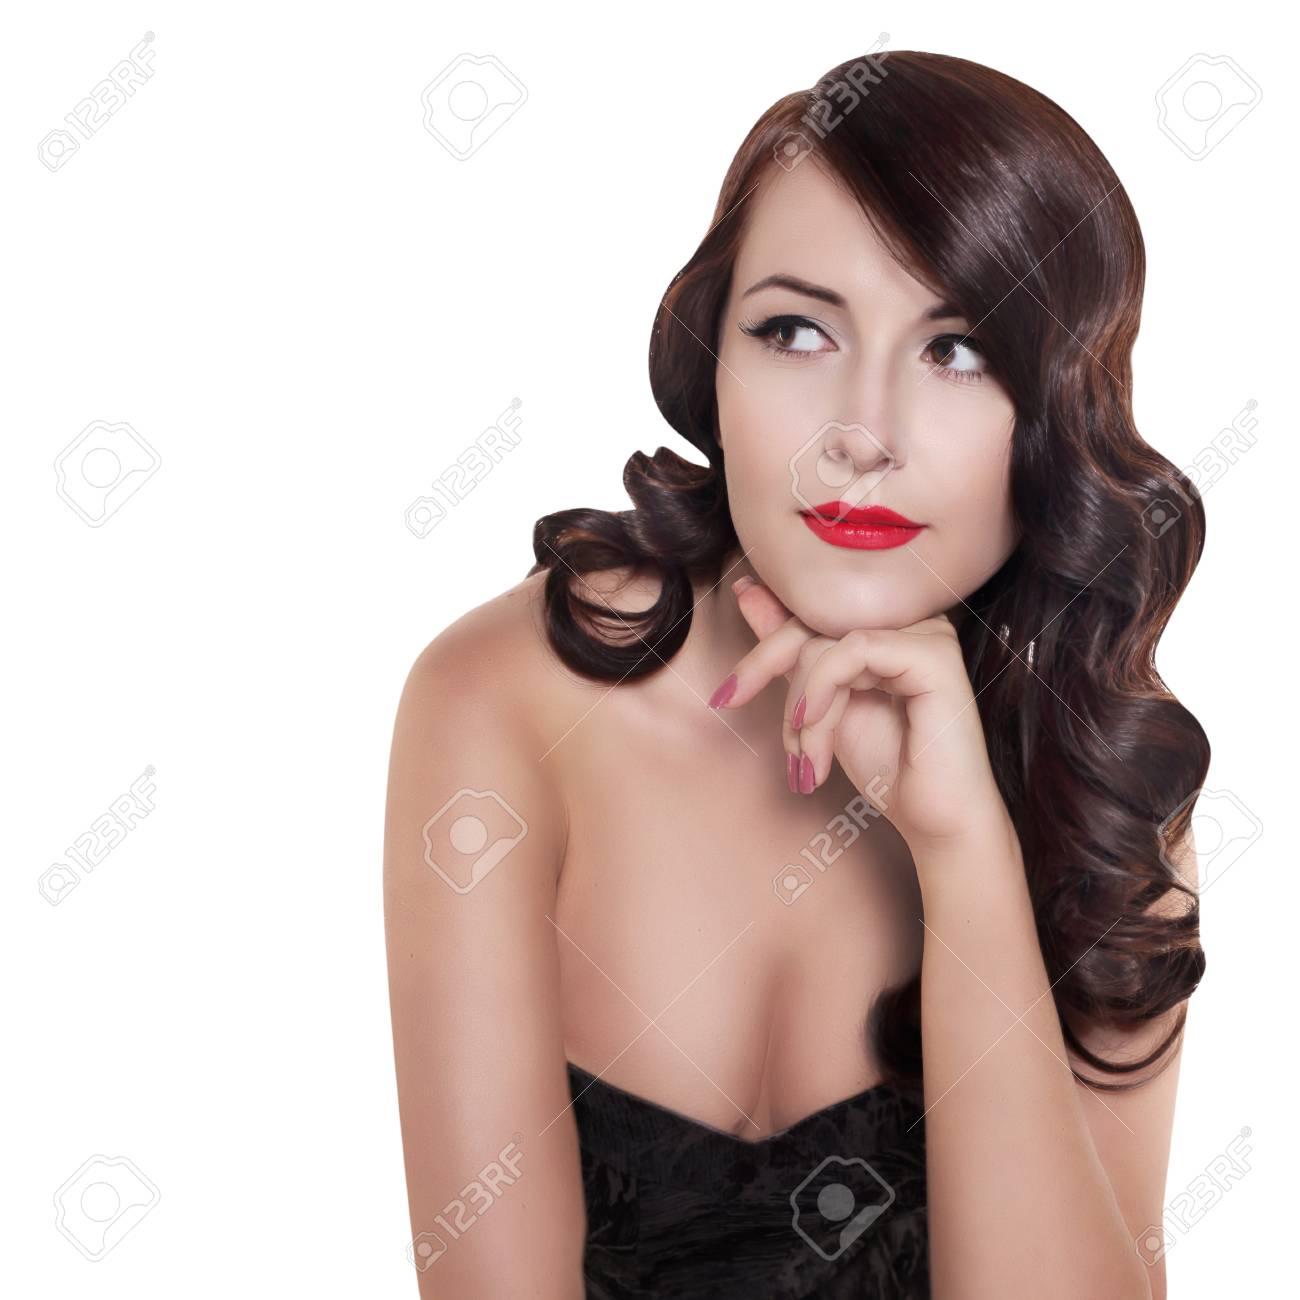 Retro Schwarz Weiß Porträt Der Frau Mit Vintage Frisur Isoliert Auf